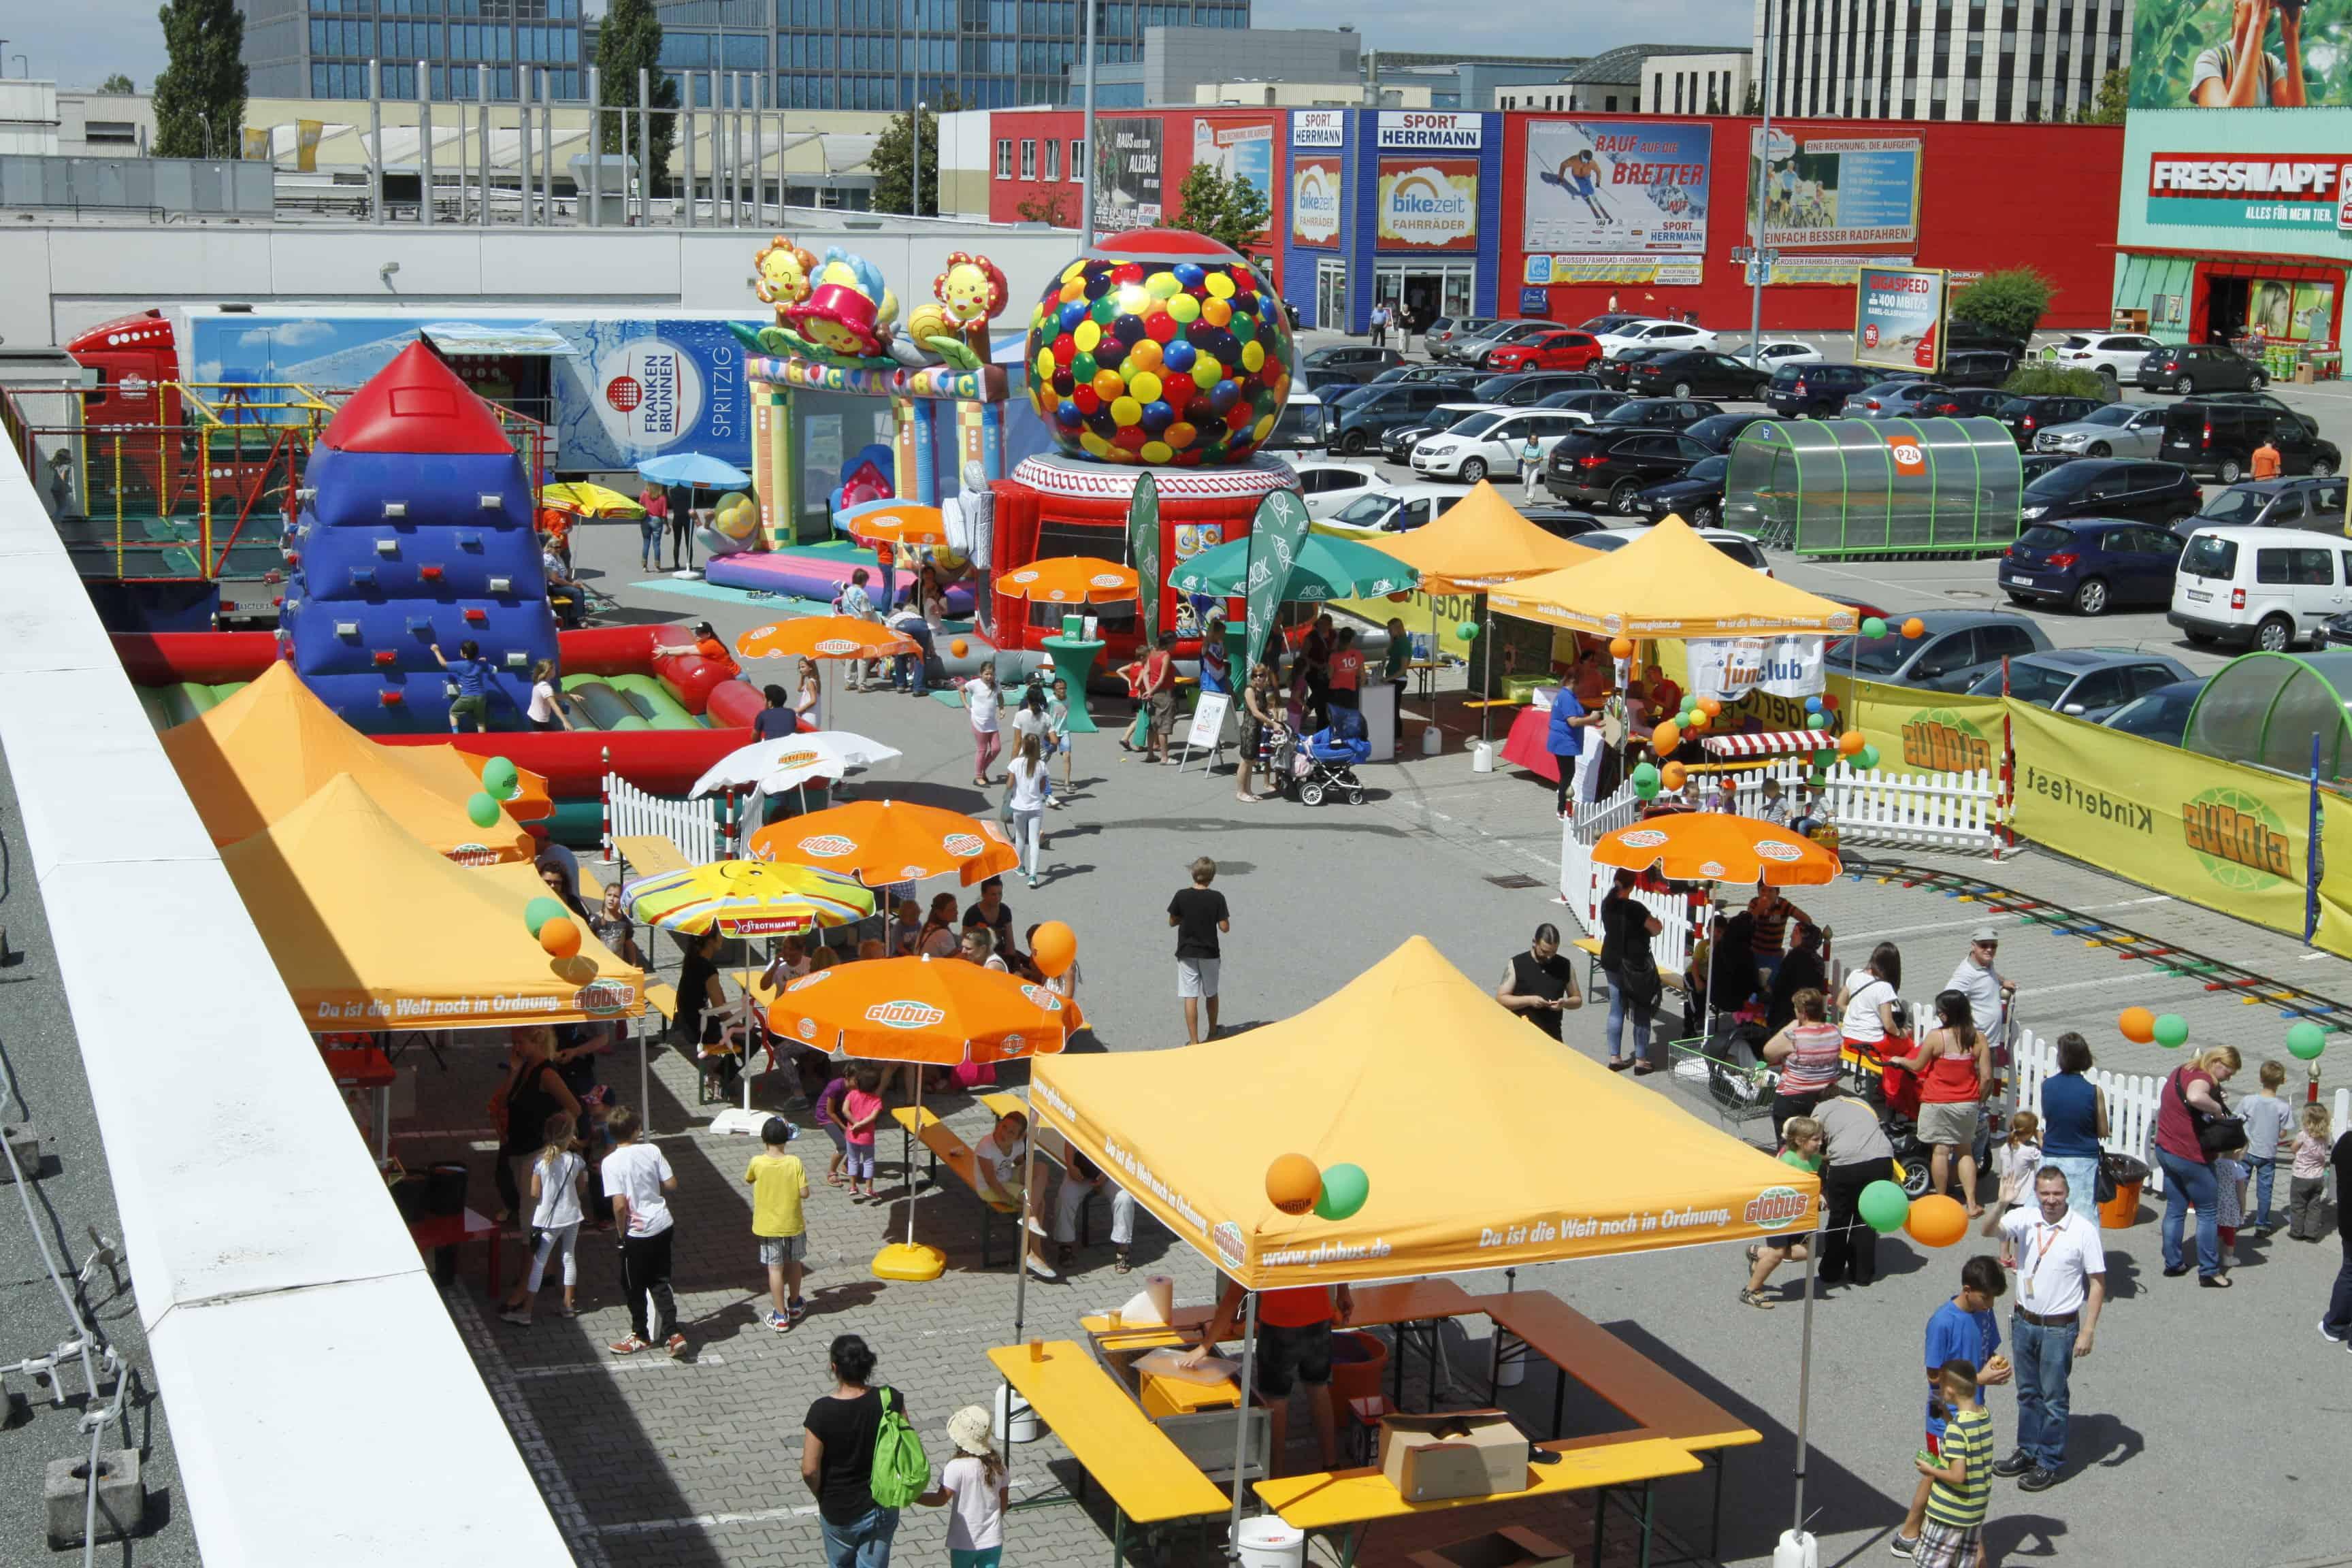 Am 1. und 2. August Kinderfest bei Globus in Neutraubling